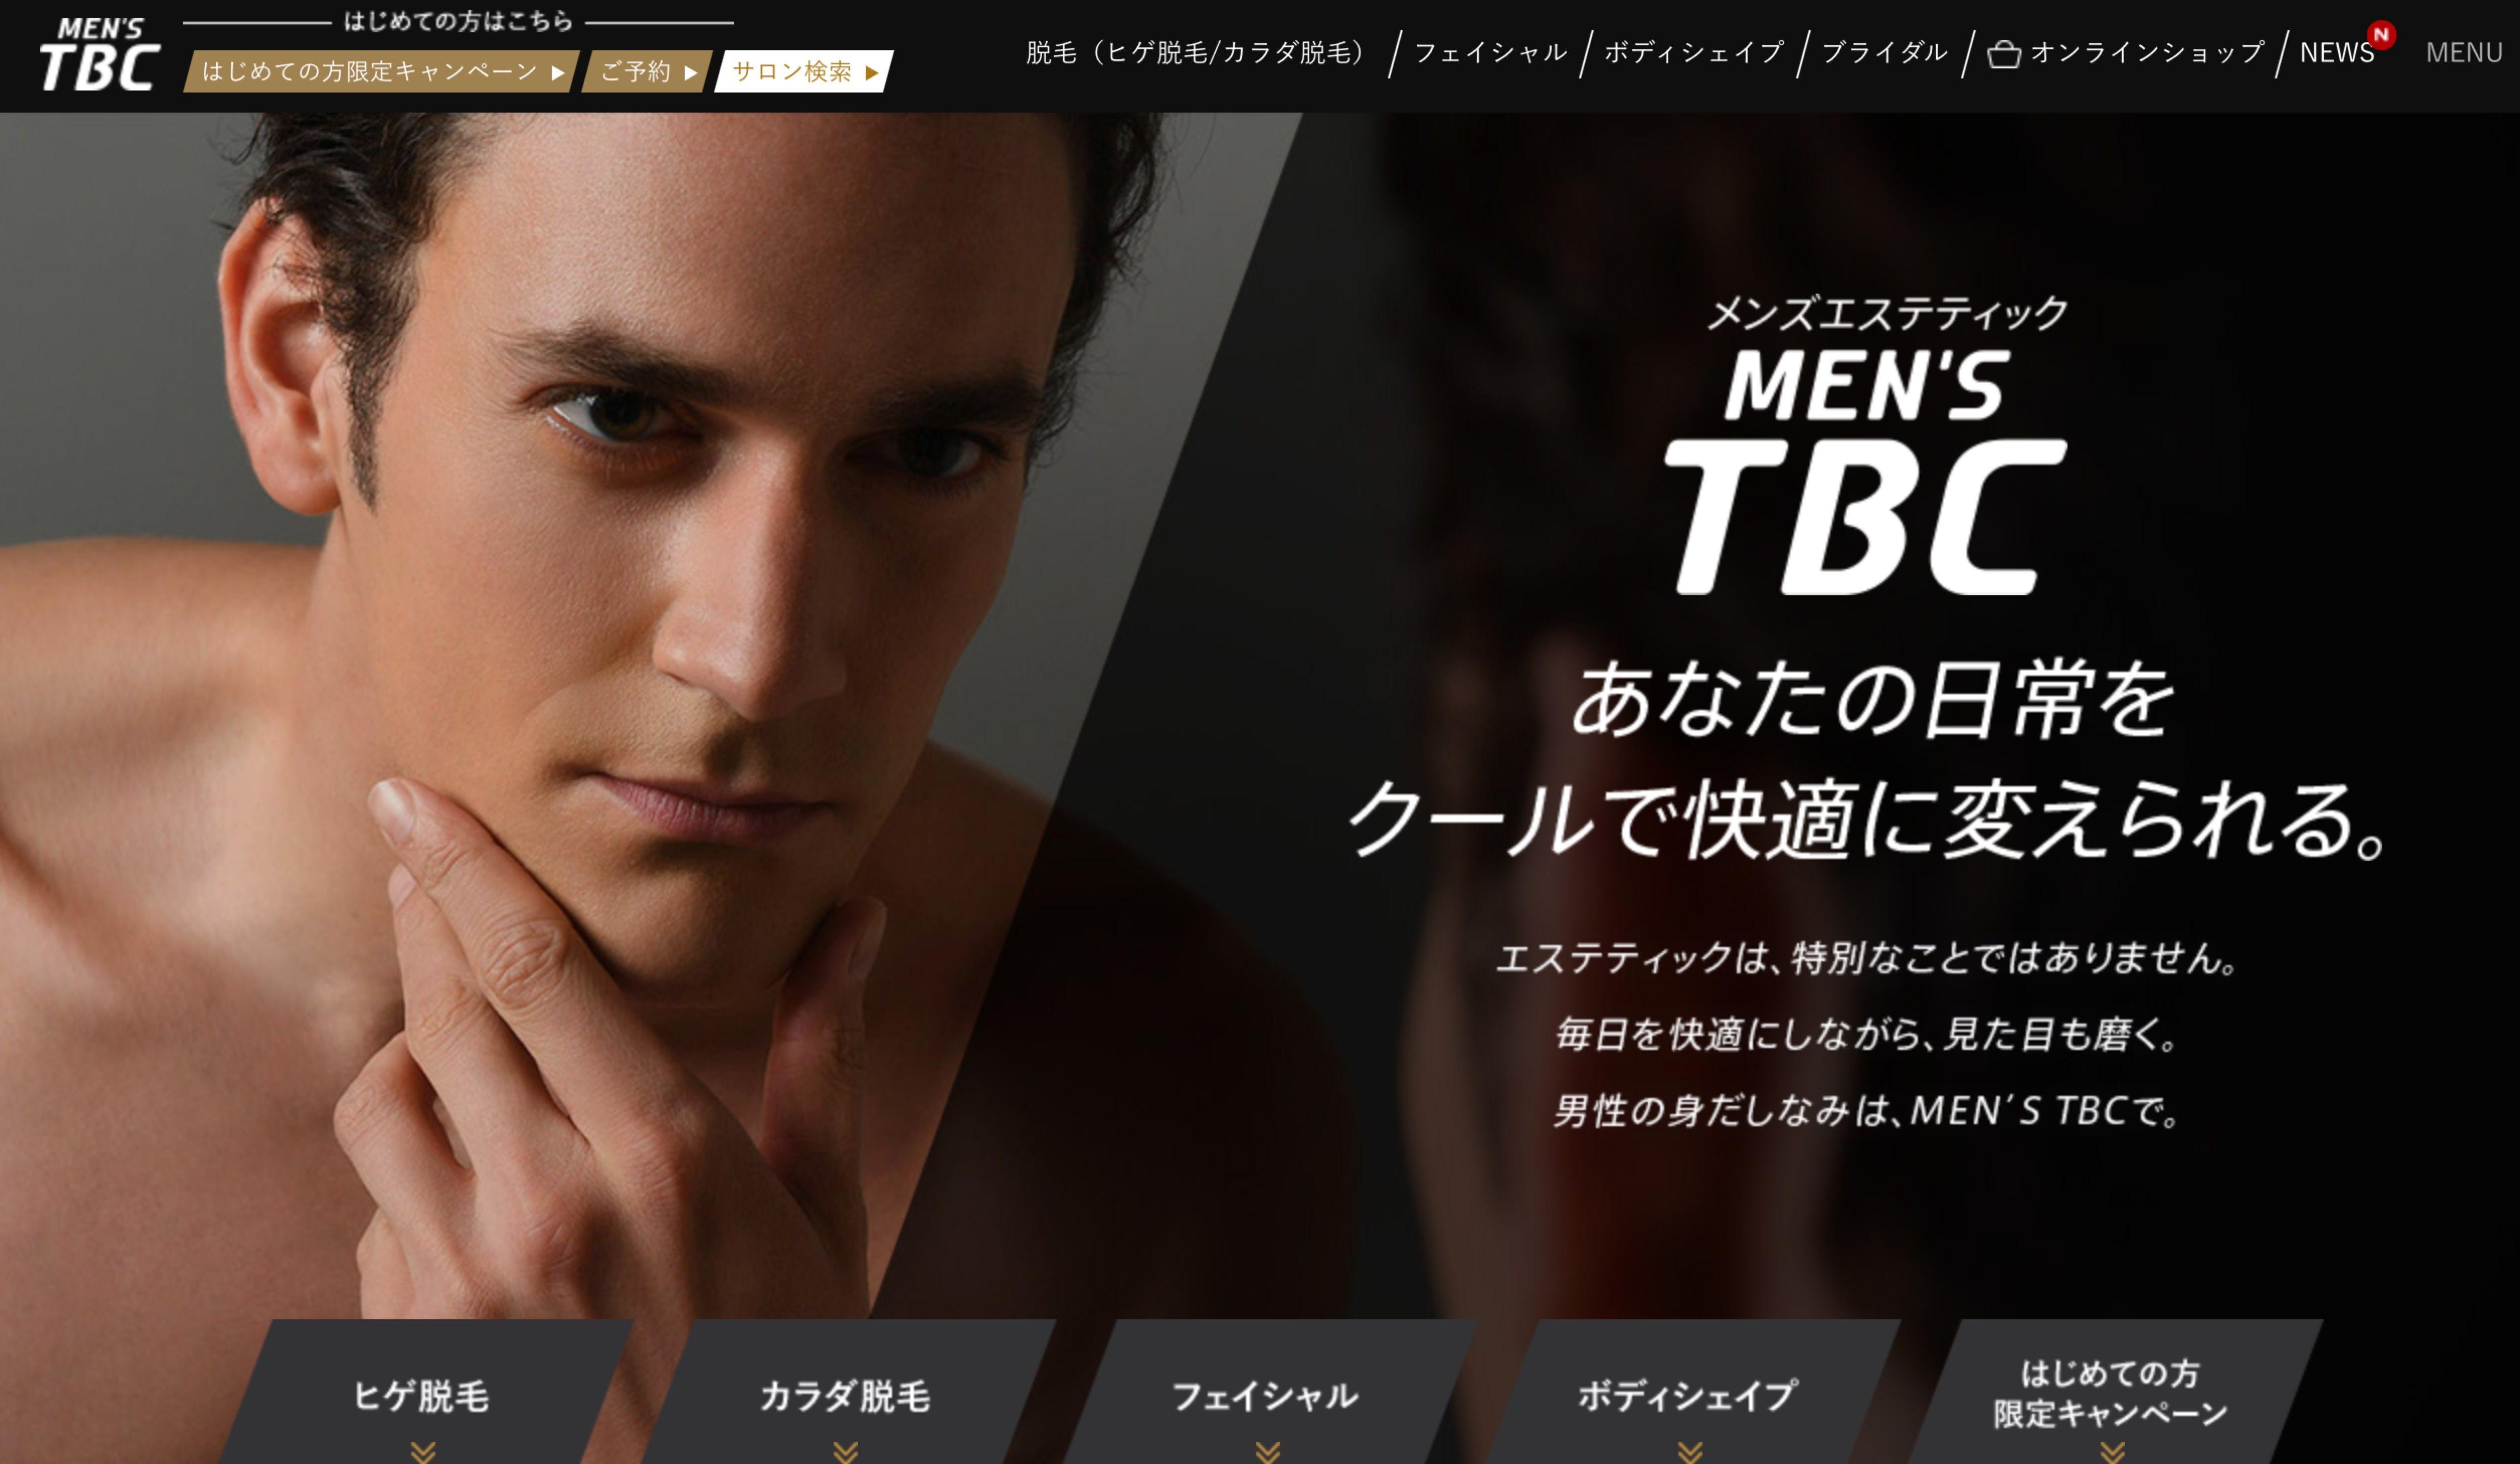 メンズTBC 水戸店